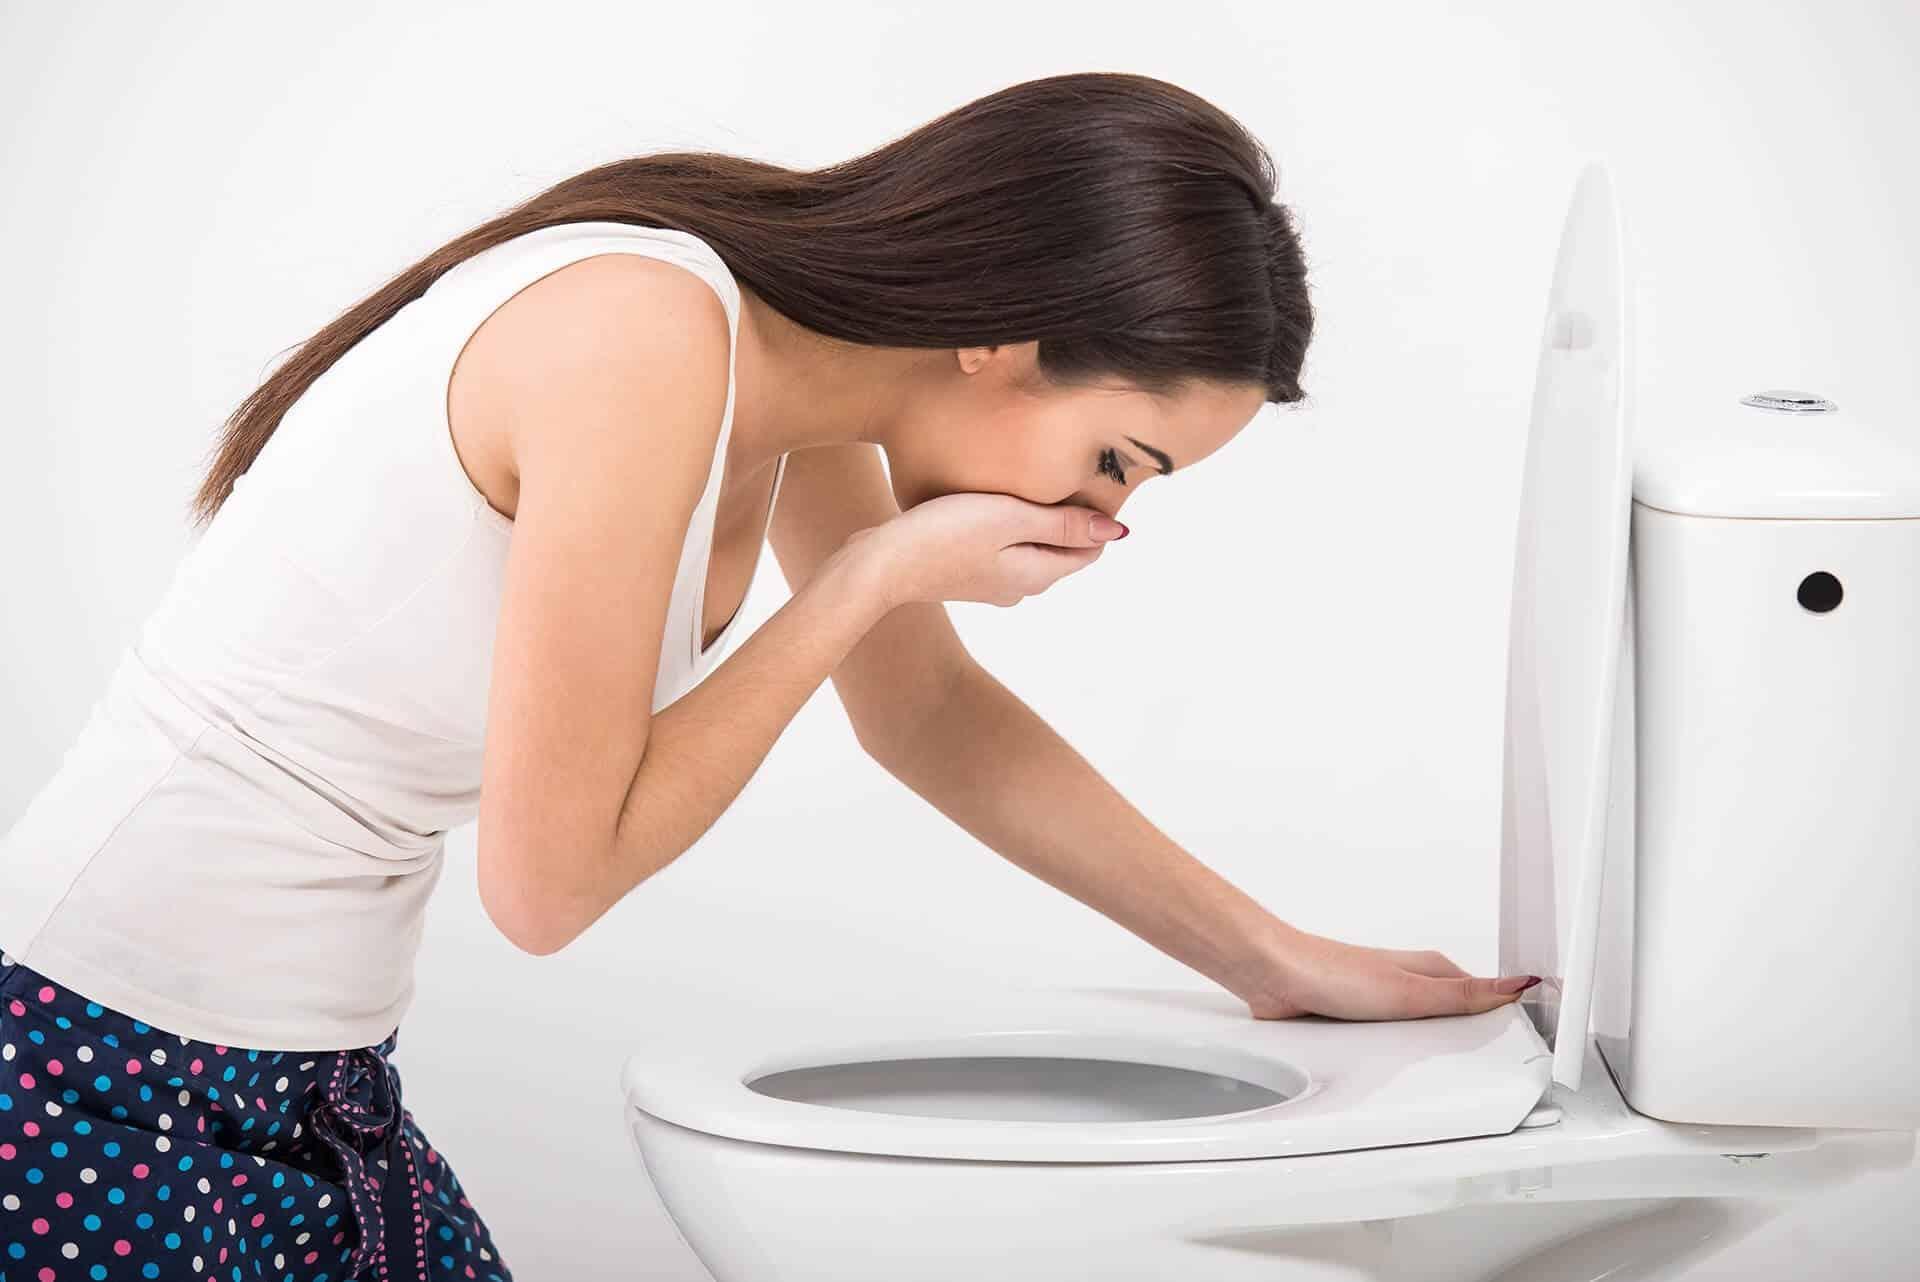 صور اعراض الحمل المبكر , اشهر اعراض الحمل المبكر والاكيدة